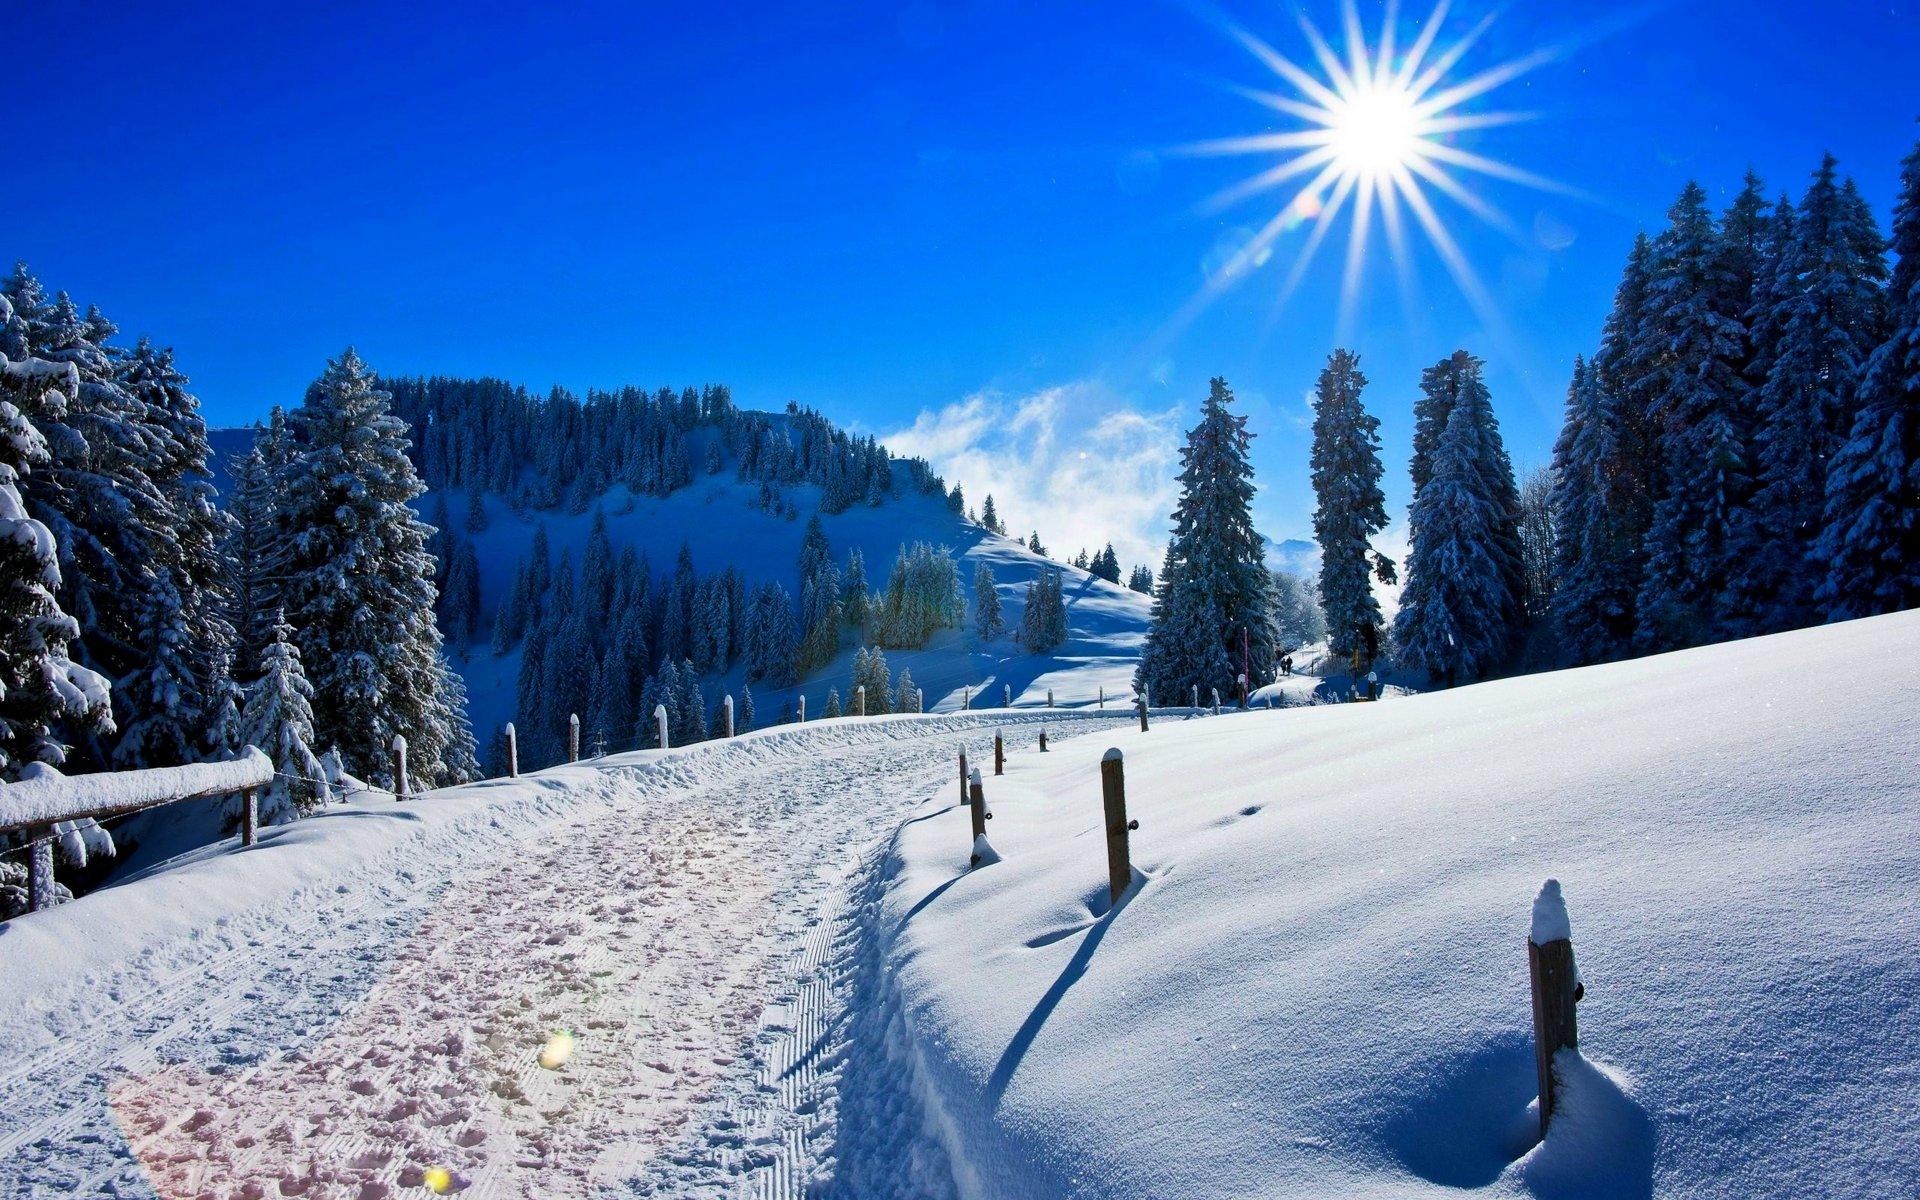 Красивые картинки с пейзажами зимы